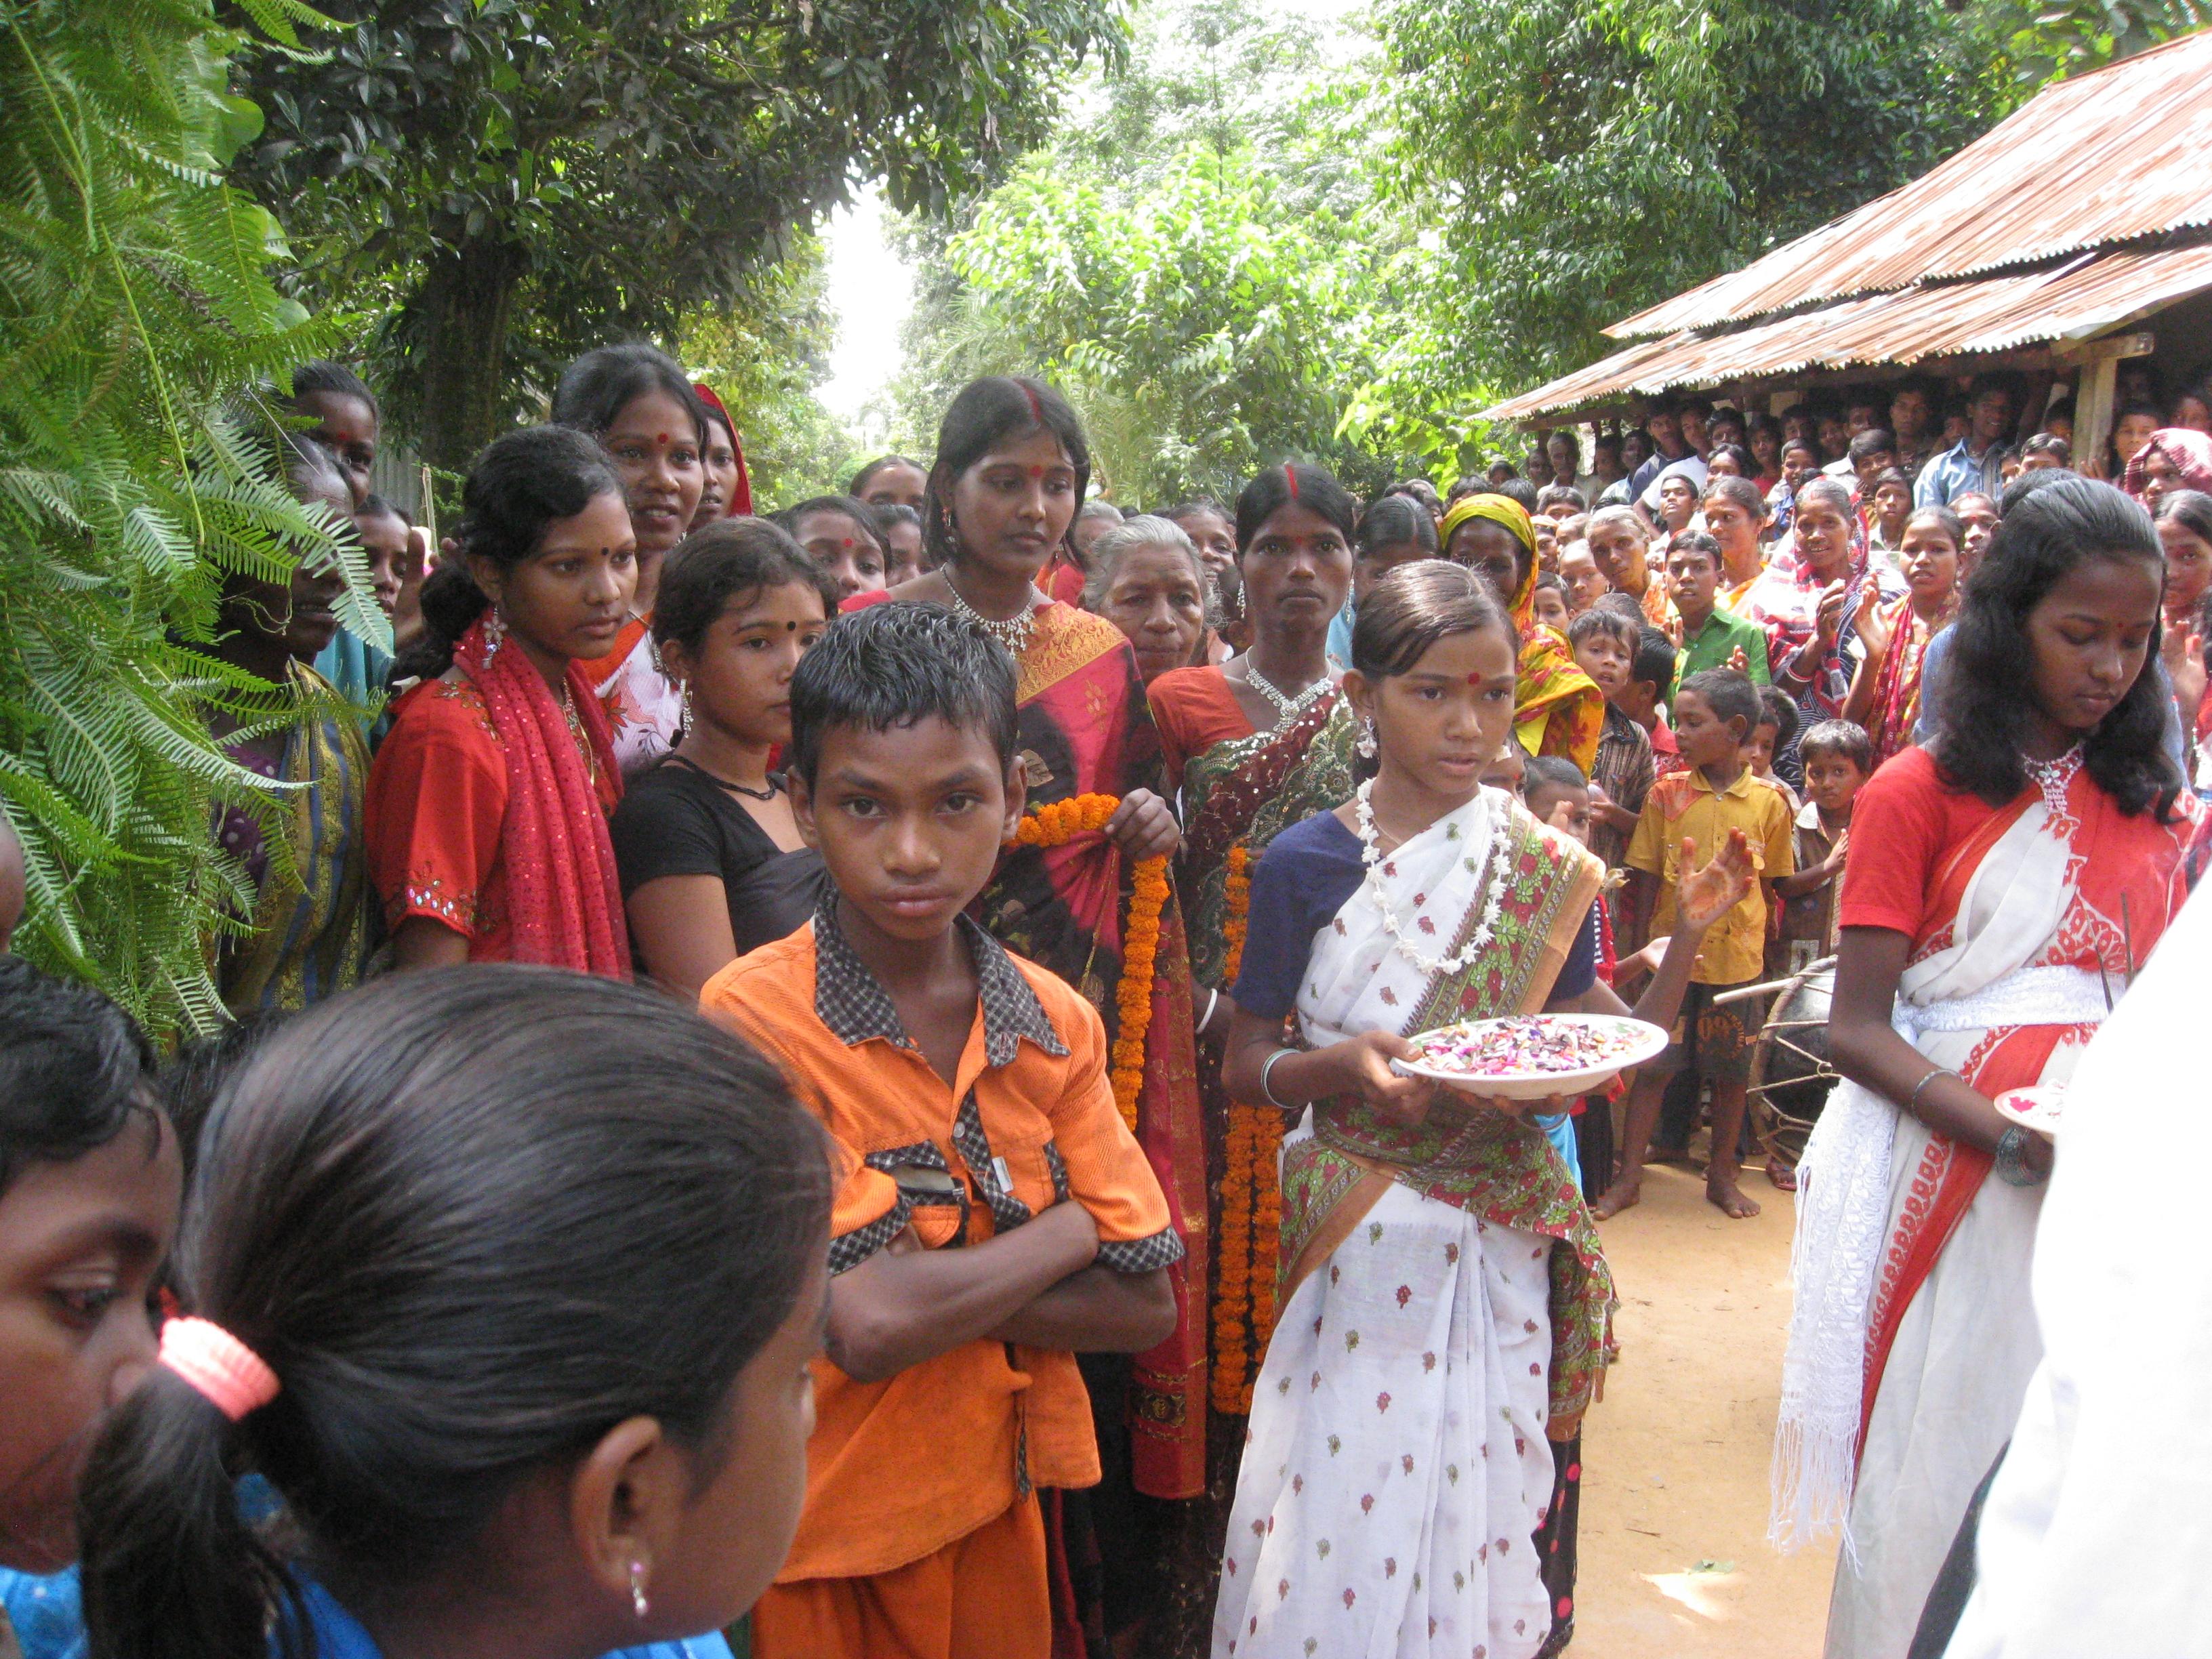 Los cristianos de Bangladesh se alegran de la visita del Papa